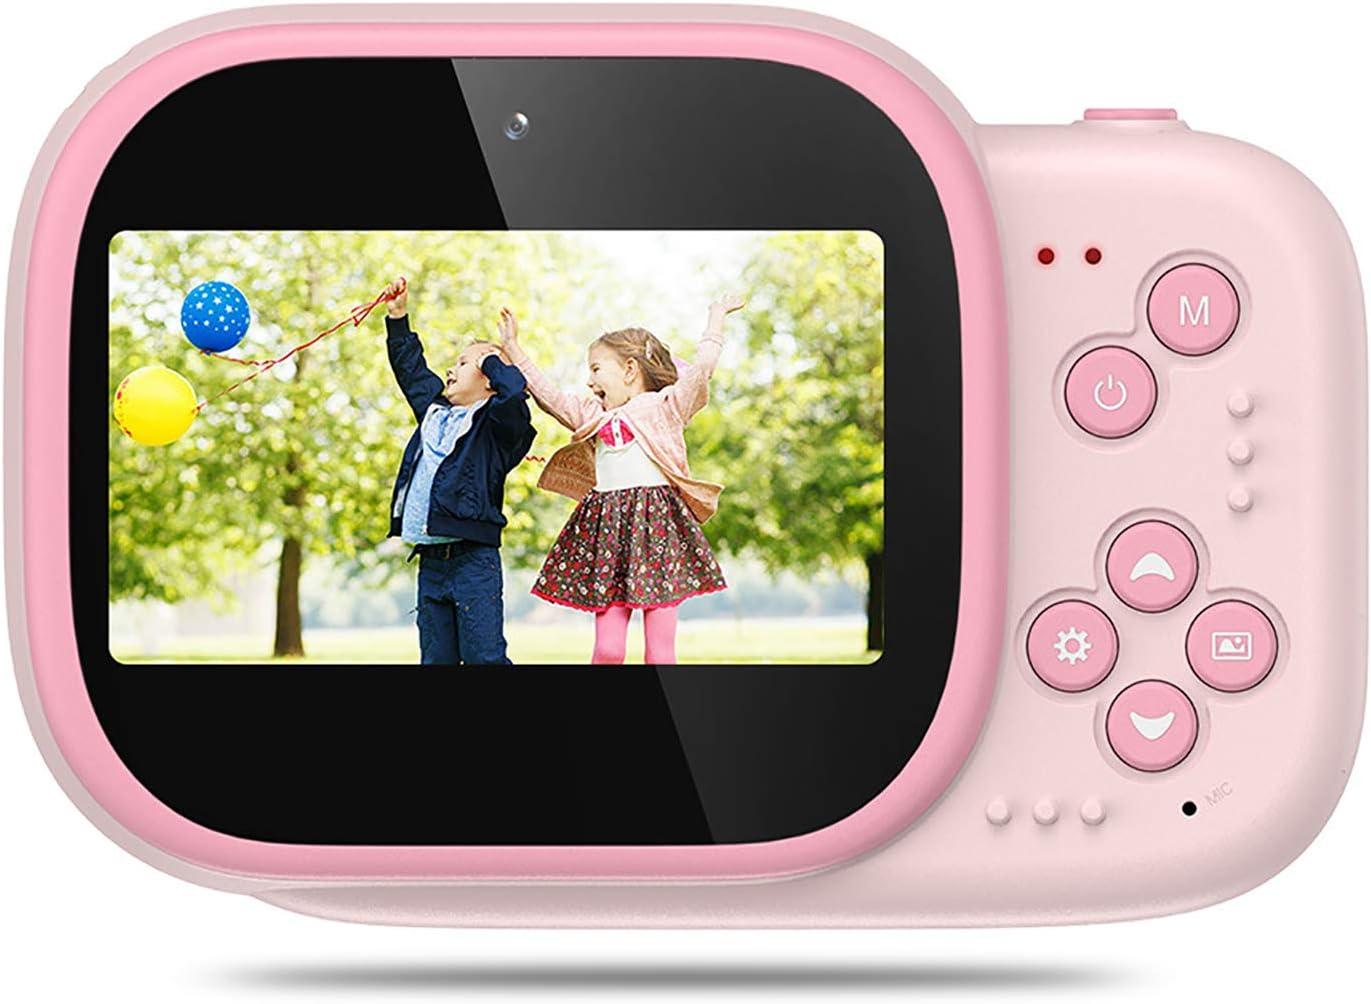 WXLSQ Kids Camera Regular Albuquerque Mall dealer Selfie Digital fo HD Video